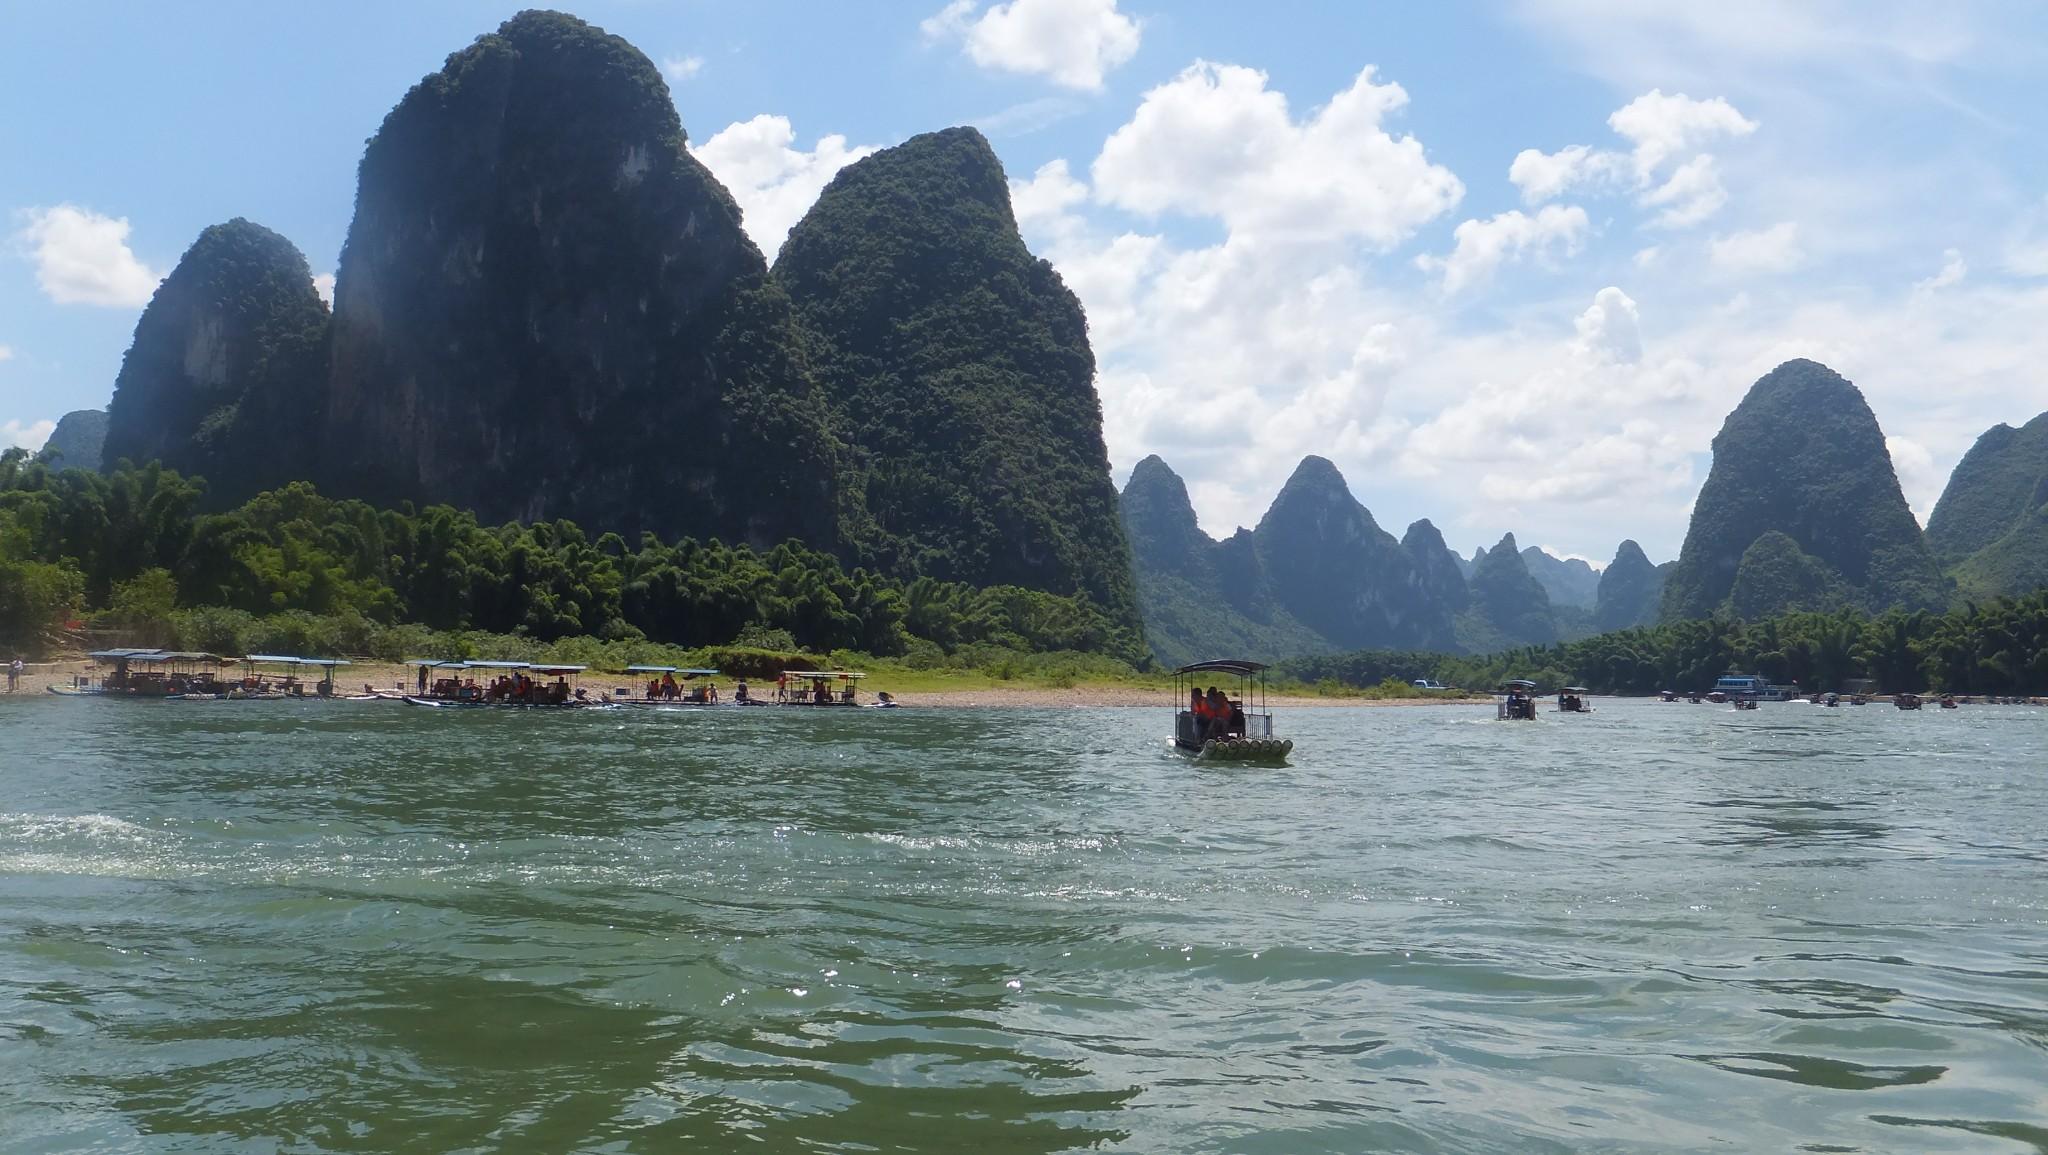 guilin li river tour